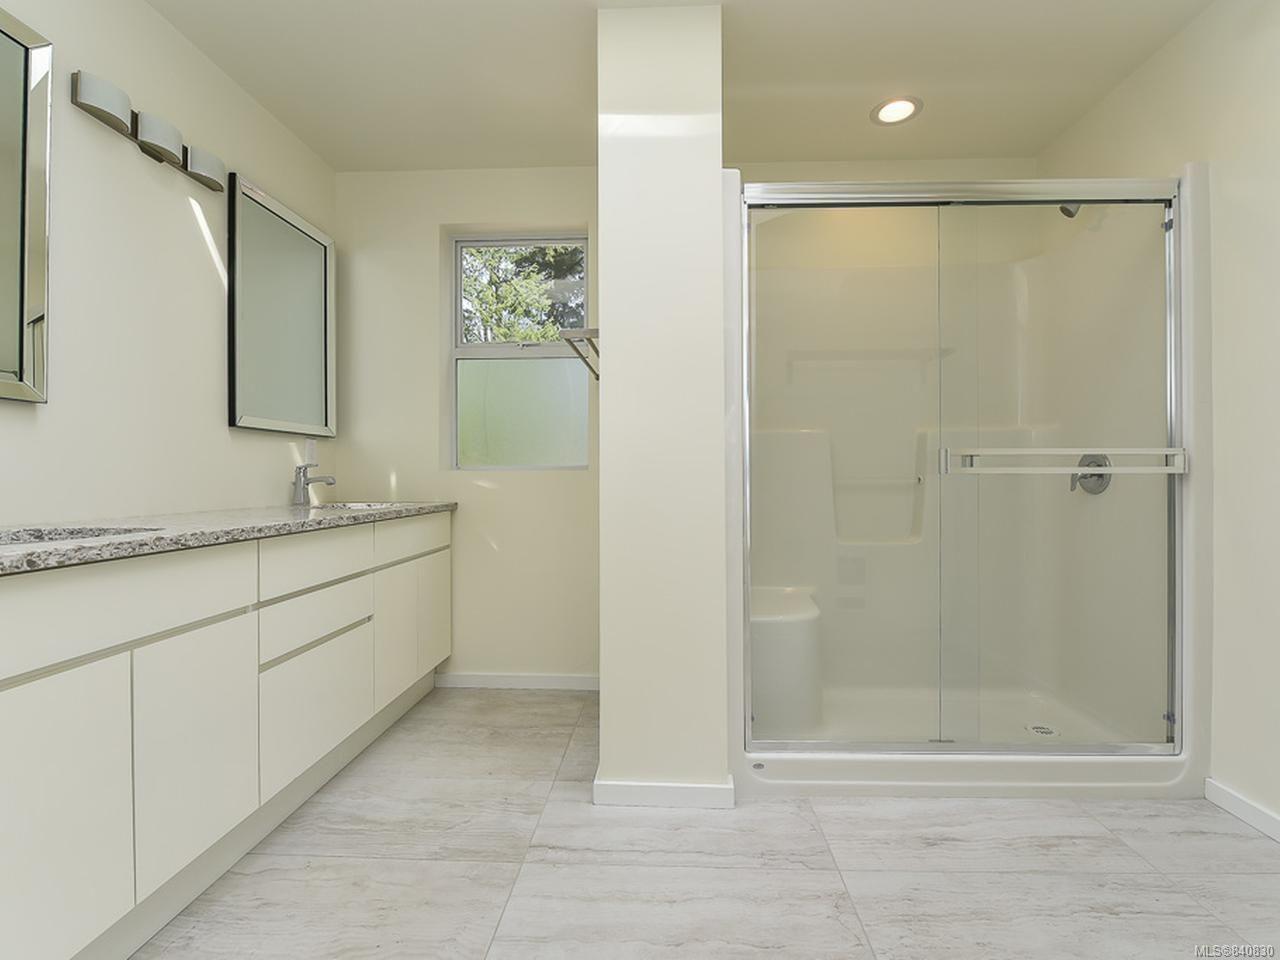 Photo 28: Photos: 1156 Moore Rd in COMOX: CV Comox Peninsula House for sale (Comox Valley)  : MLS®# 840830